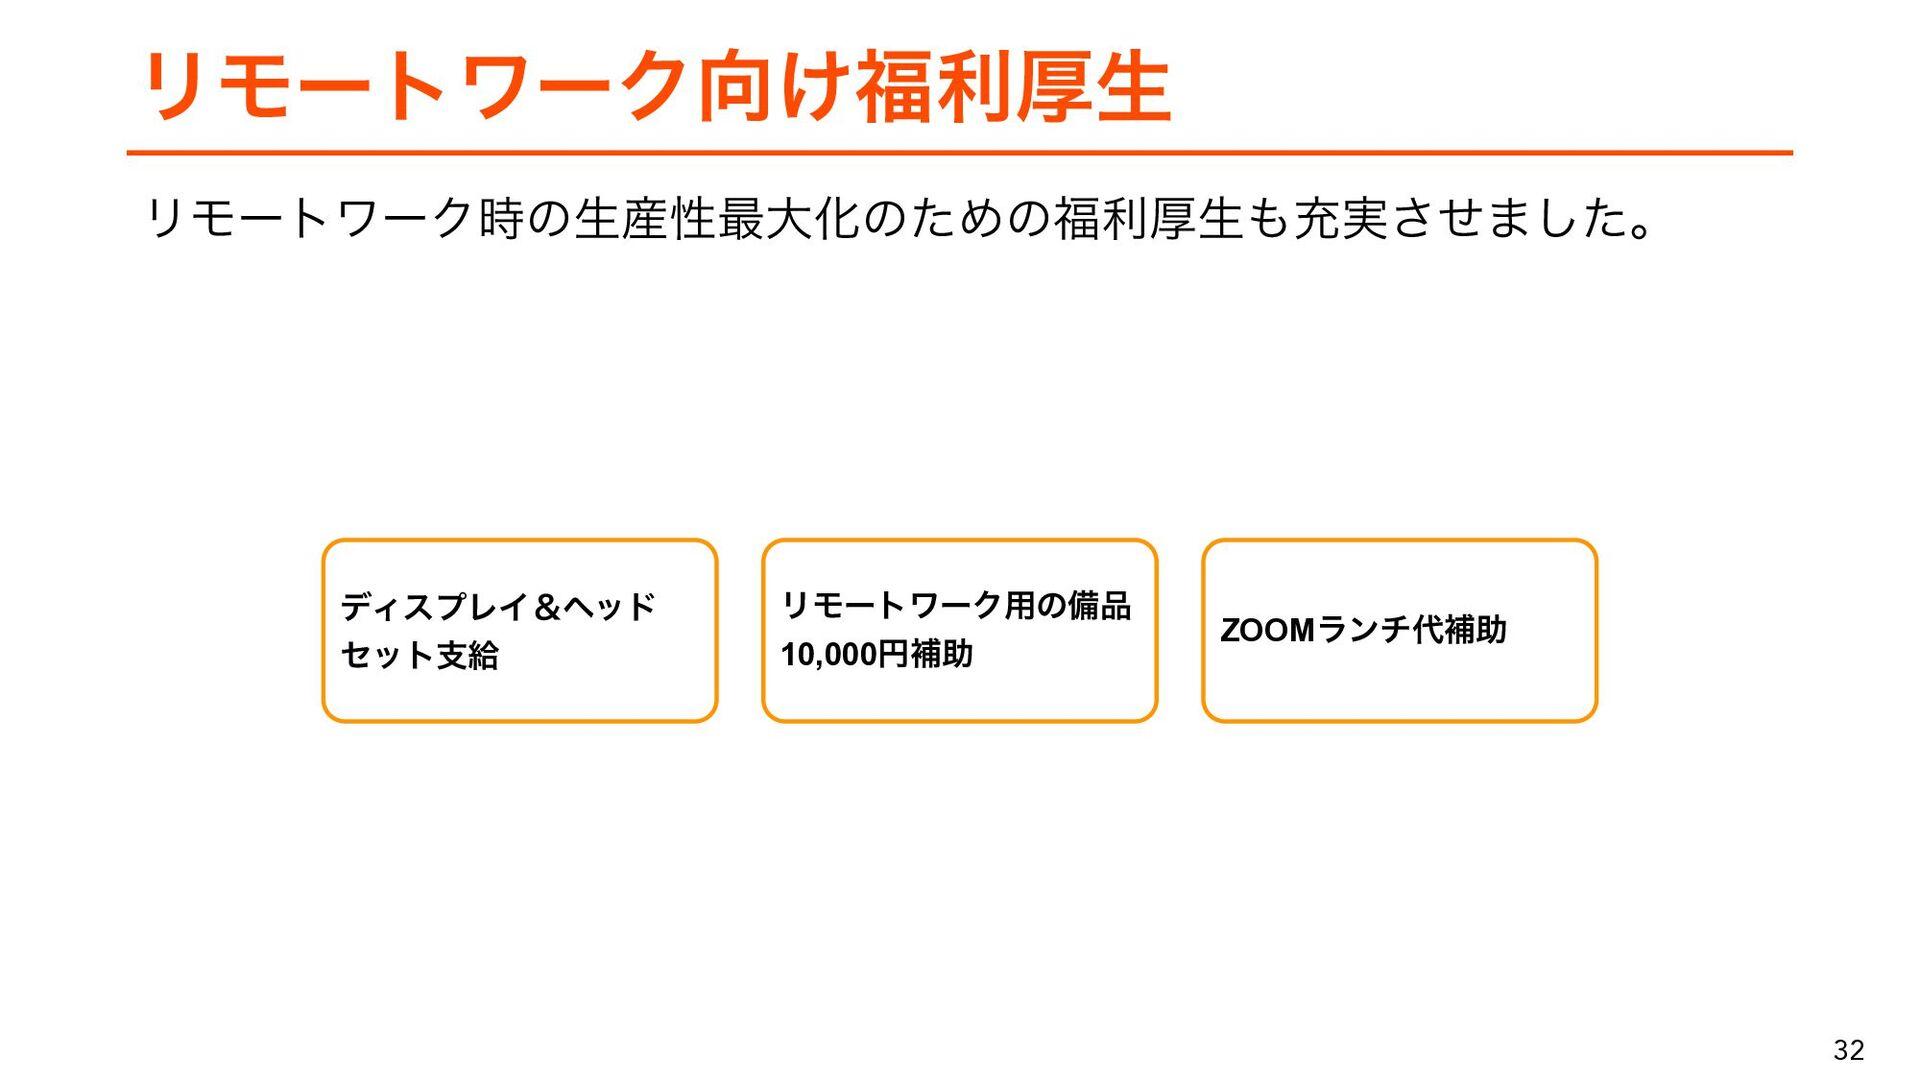 32 32 リモートワーク向け福利厚生 ZOOMランチ代補助 ディスプレイ&ヘッドセット 支給...